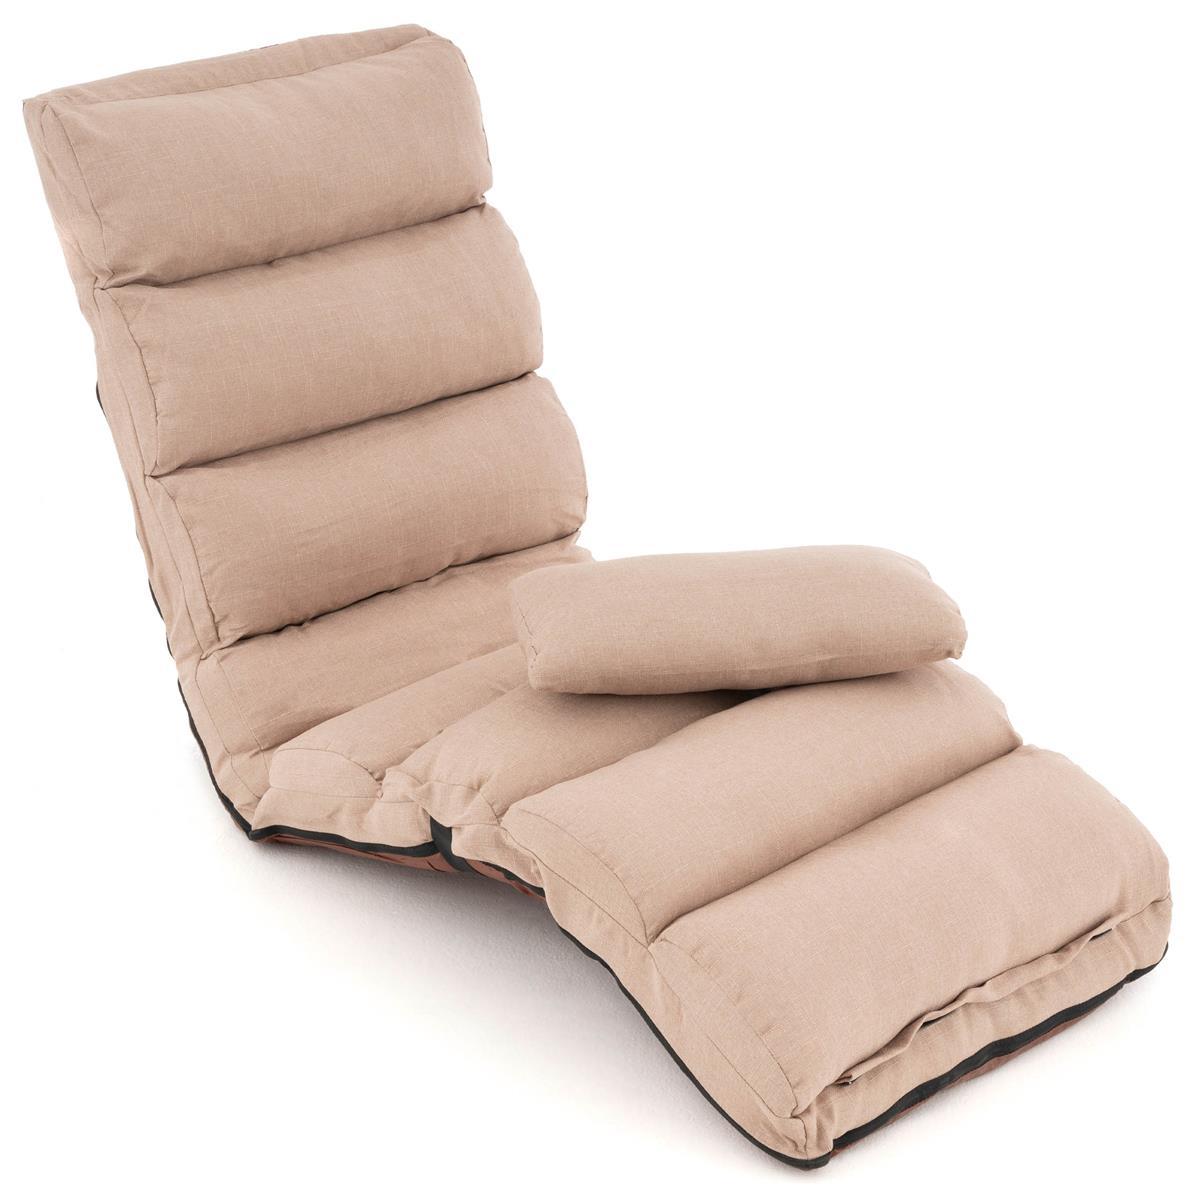 Schlafsofa 175x65x15 cm khaki verstellbares Einzelsofa Bodensessel